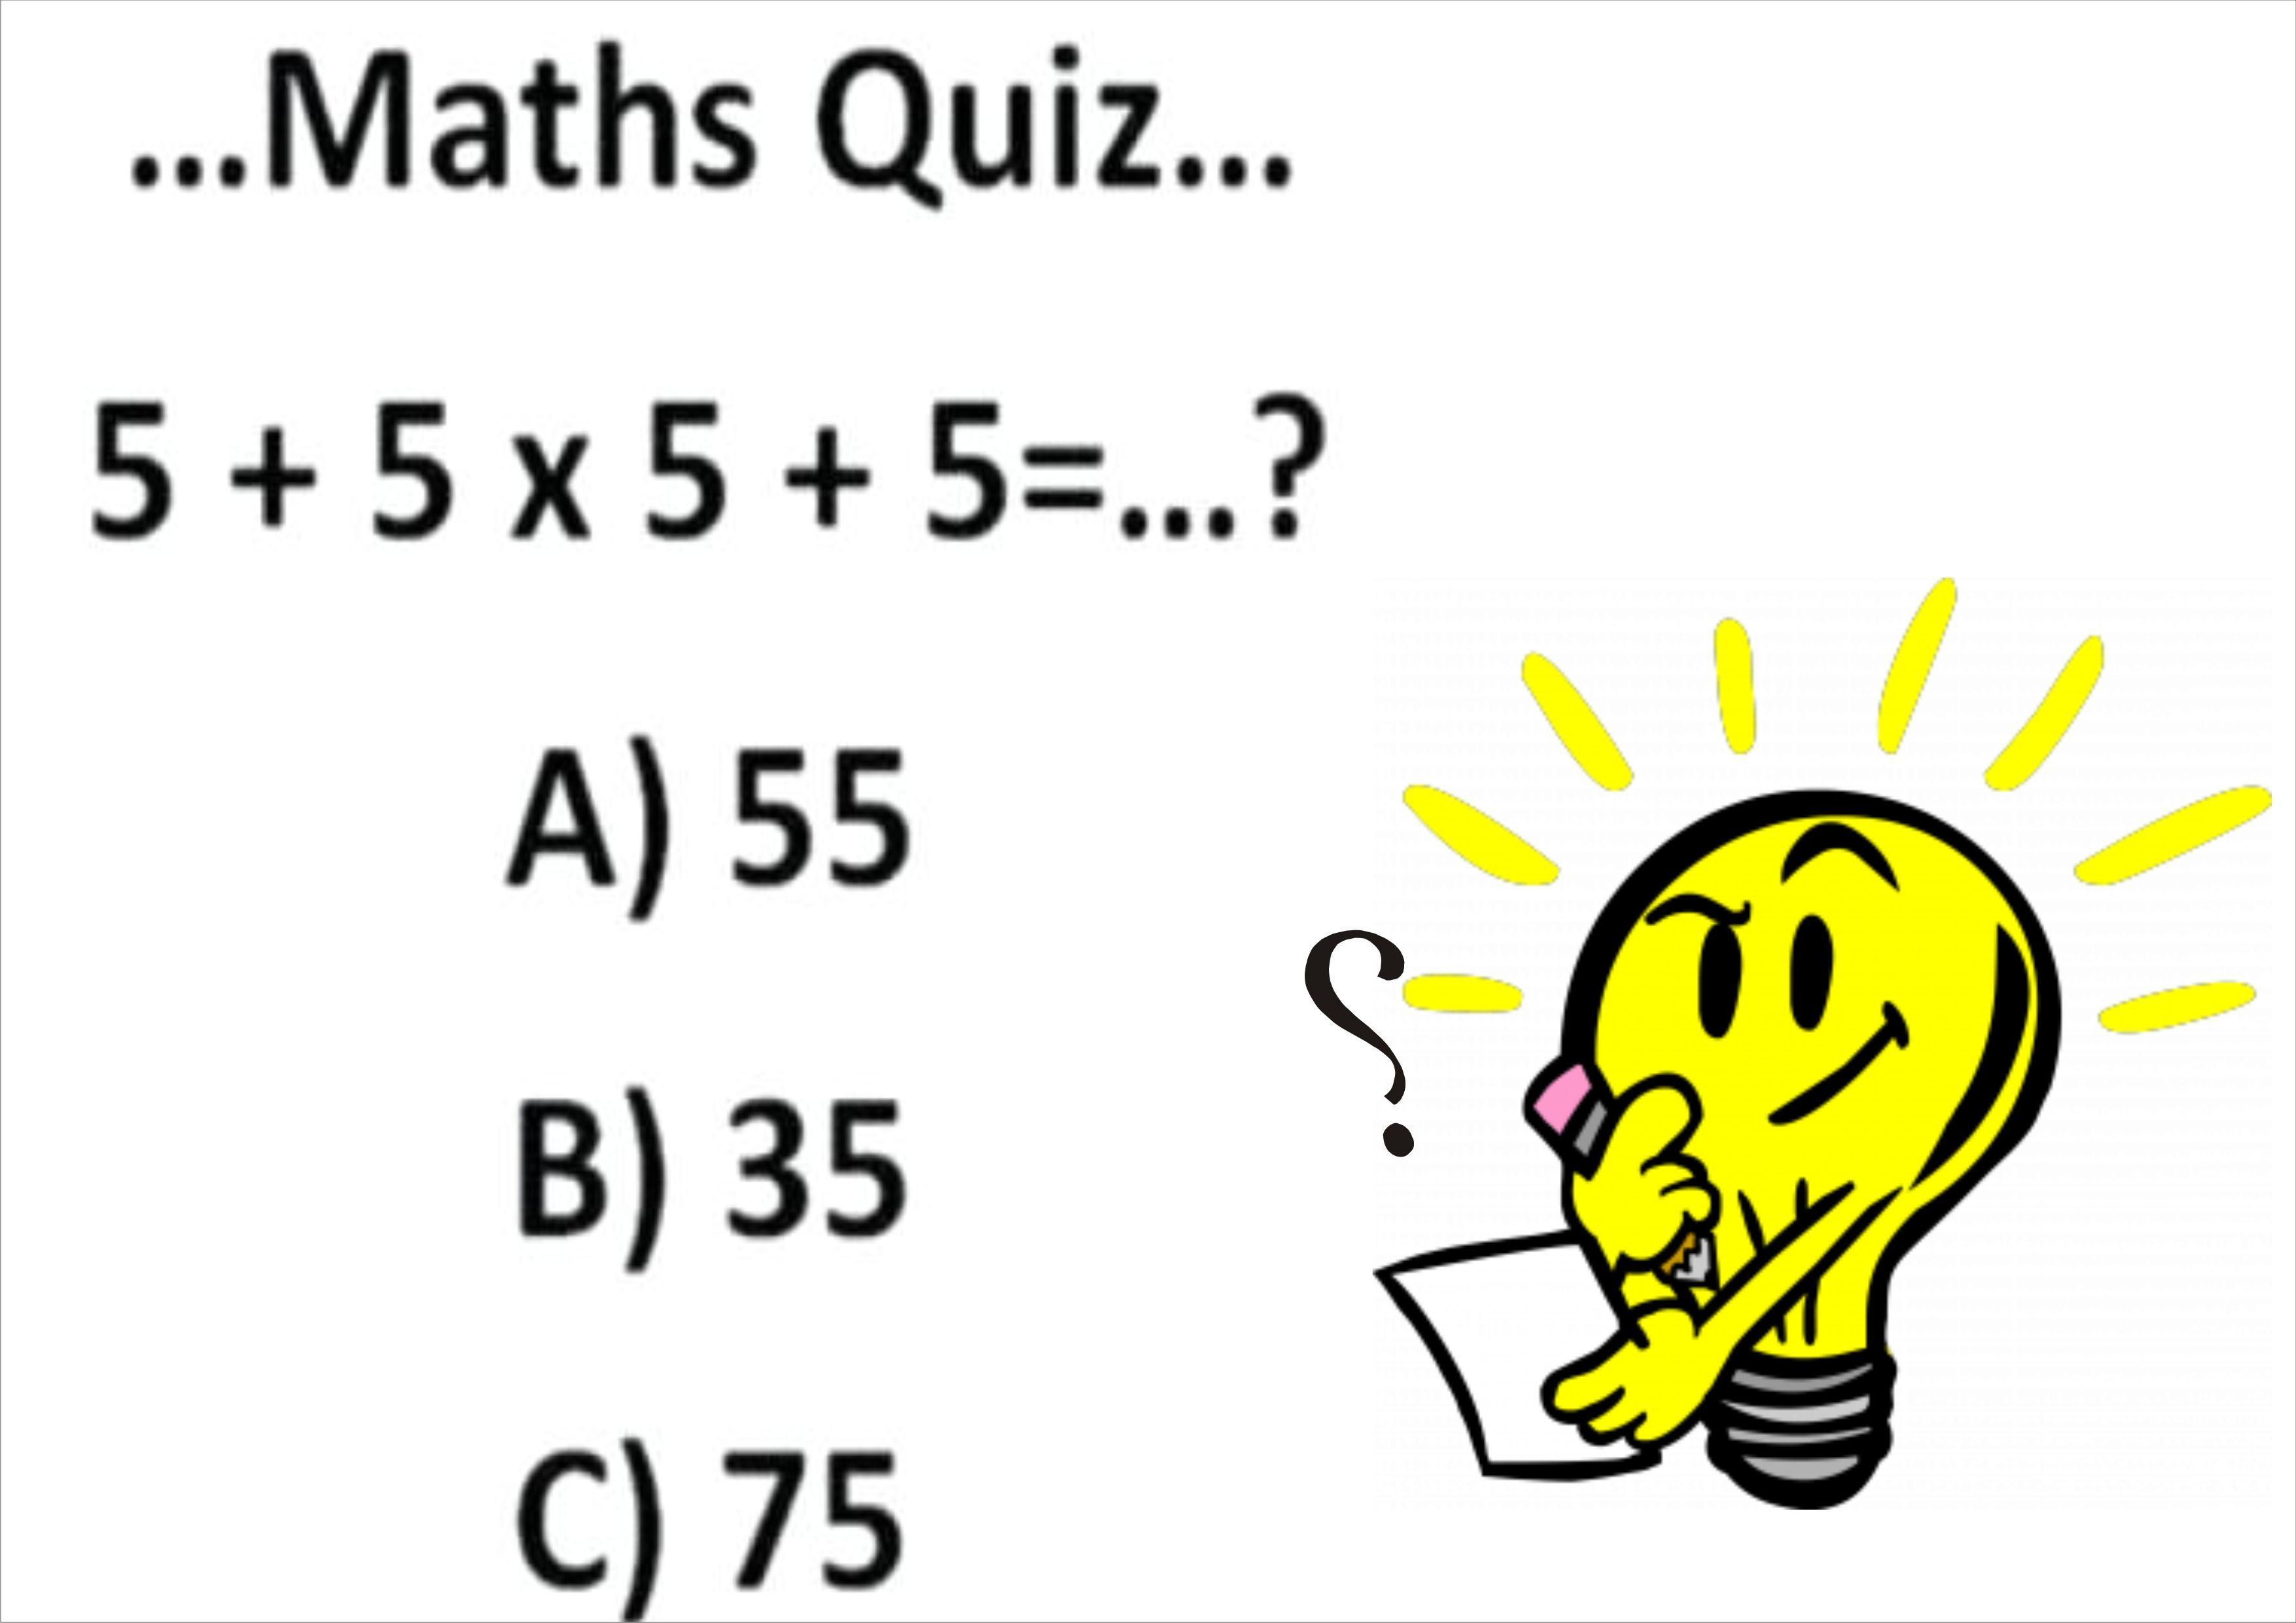 Maths Quiz Quizzes For Kids Math Quizzes Math